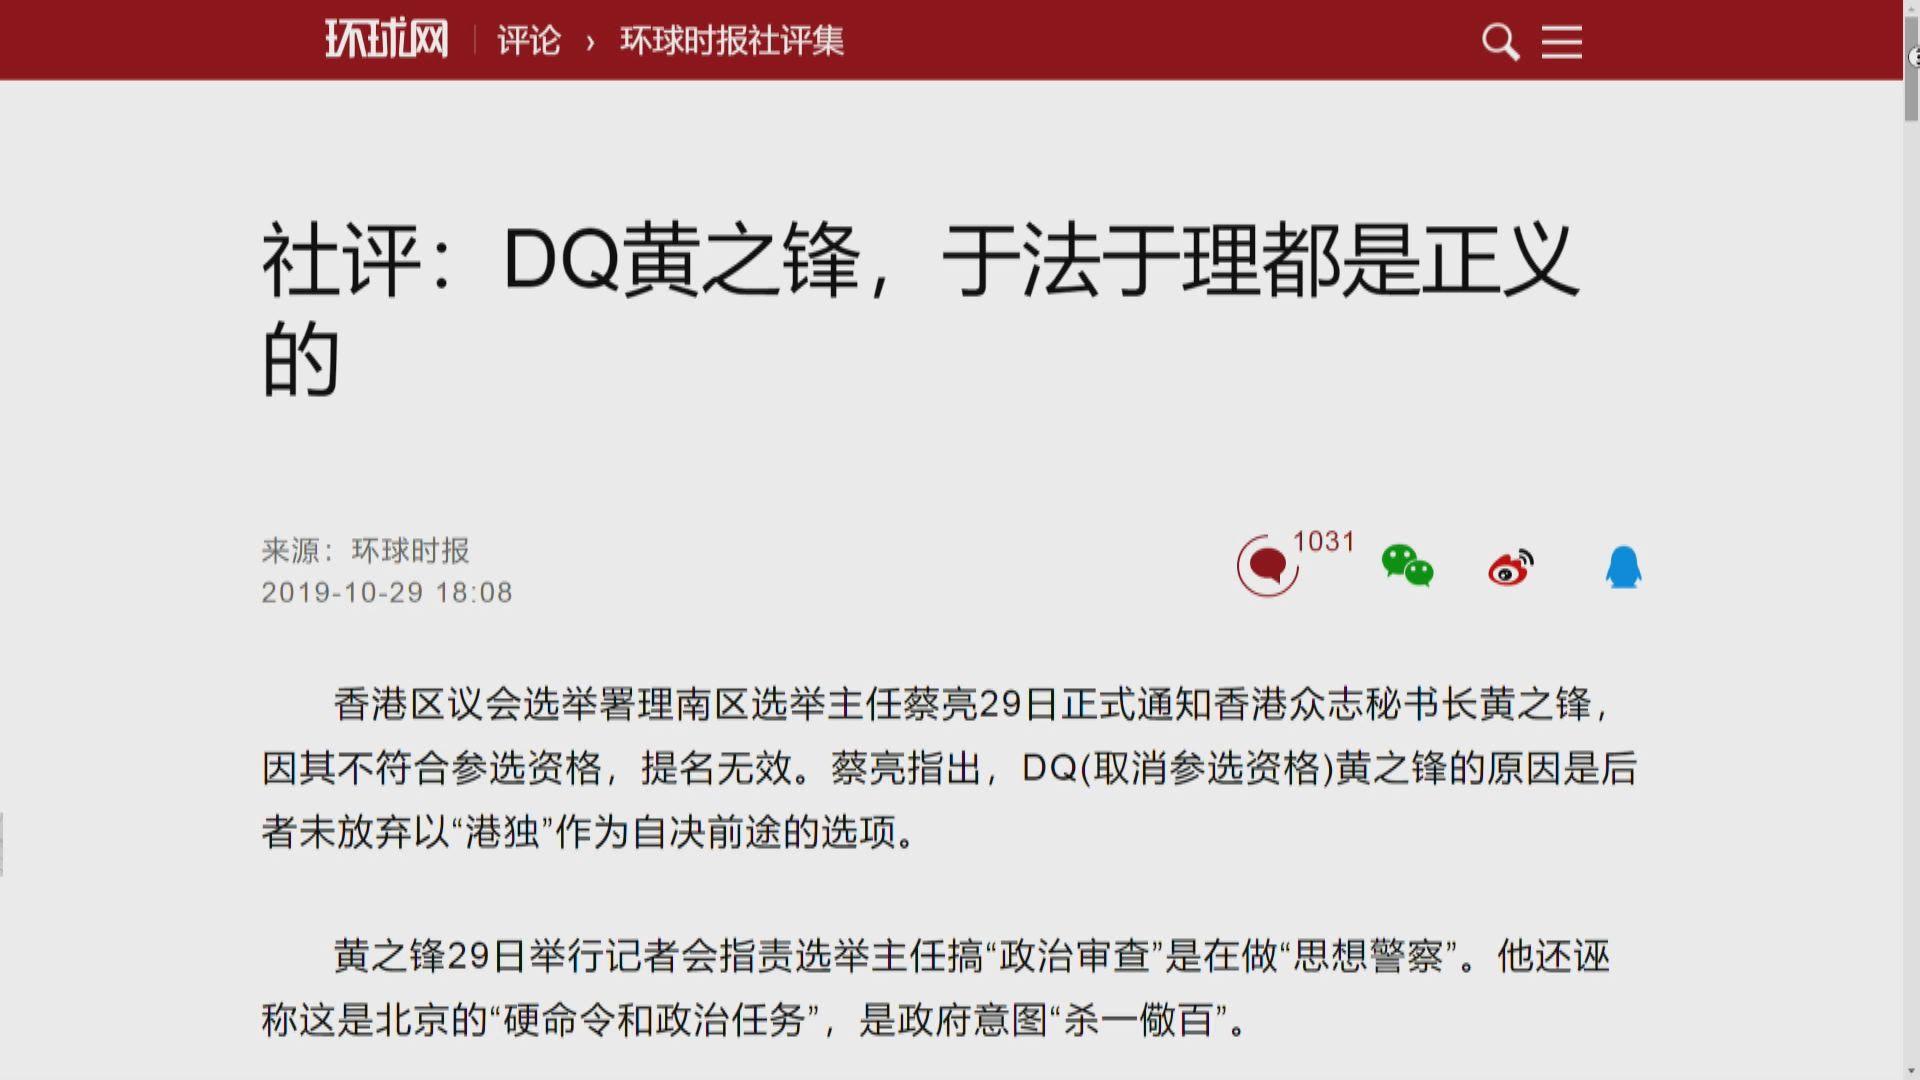 《環球時報》社評支持選舉主任依法「DQ」